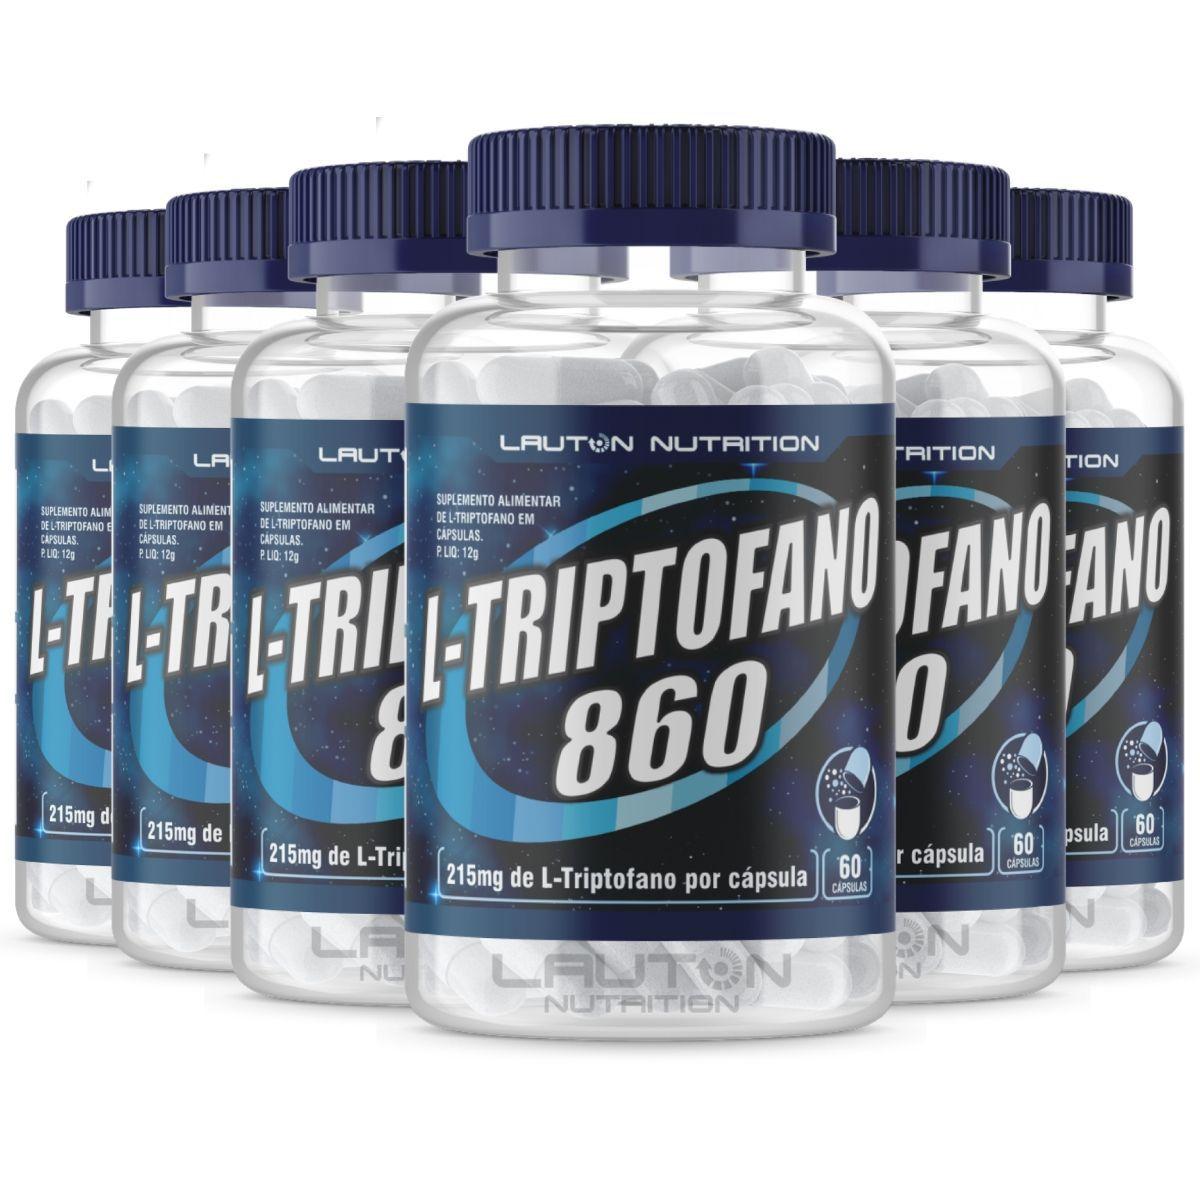 Kit 6 L-triptofano 60 cápsulas - Lauton Nutrition